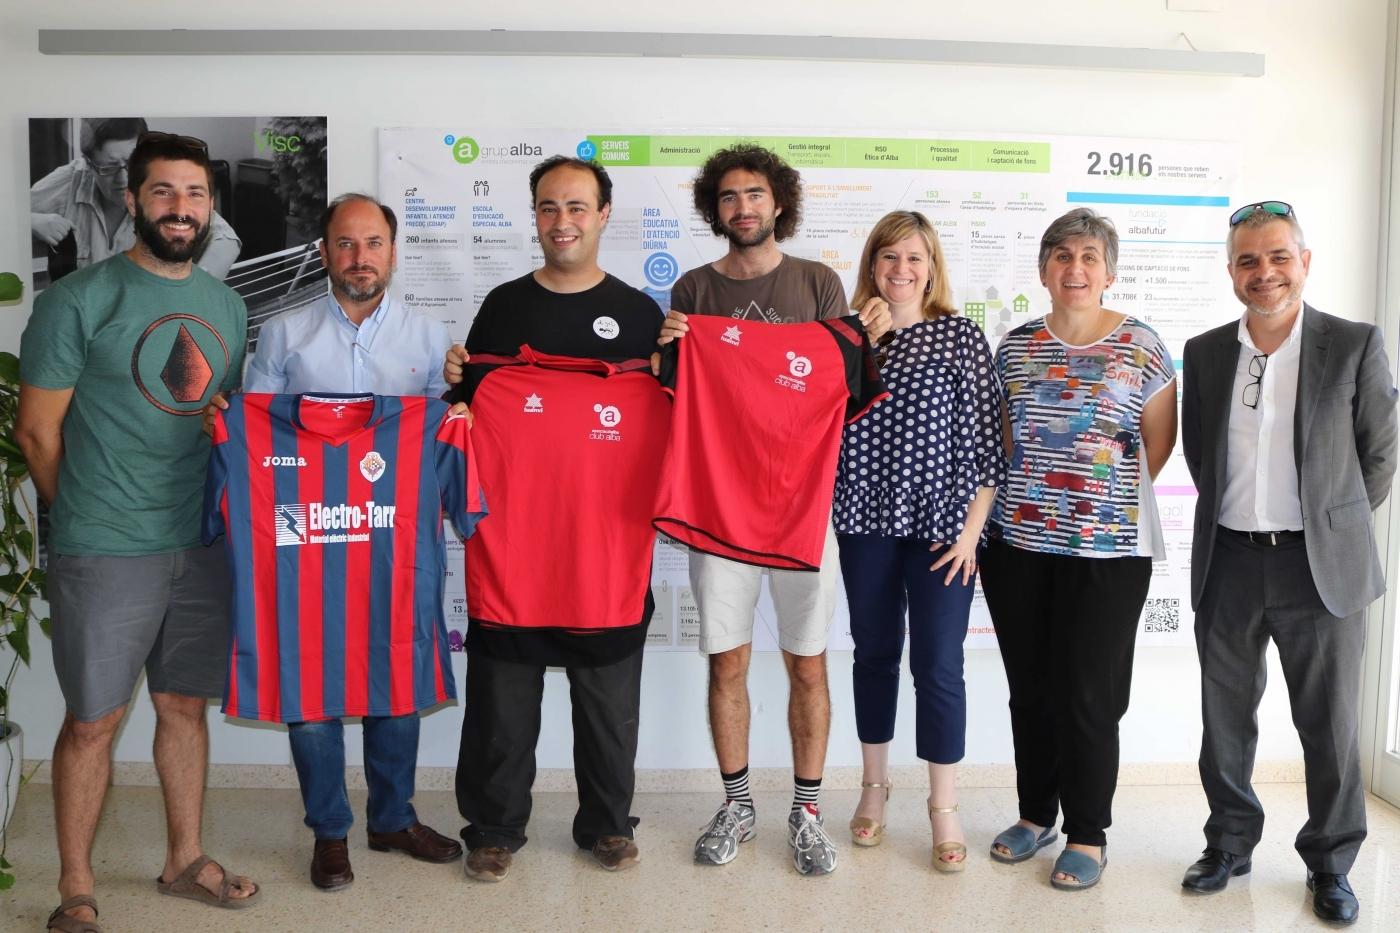 """Conveni a 3 bandes entre la Unió Esportiva Tàrrega, l'Obra Social """"la Caixa"""" i el Grup Alba per fomentar l'accés al camp de futbol del Tàrrega a l"""